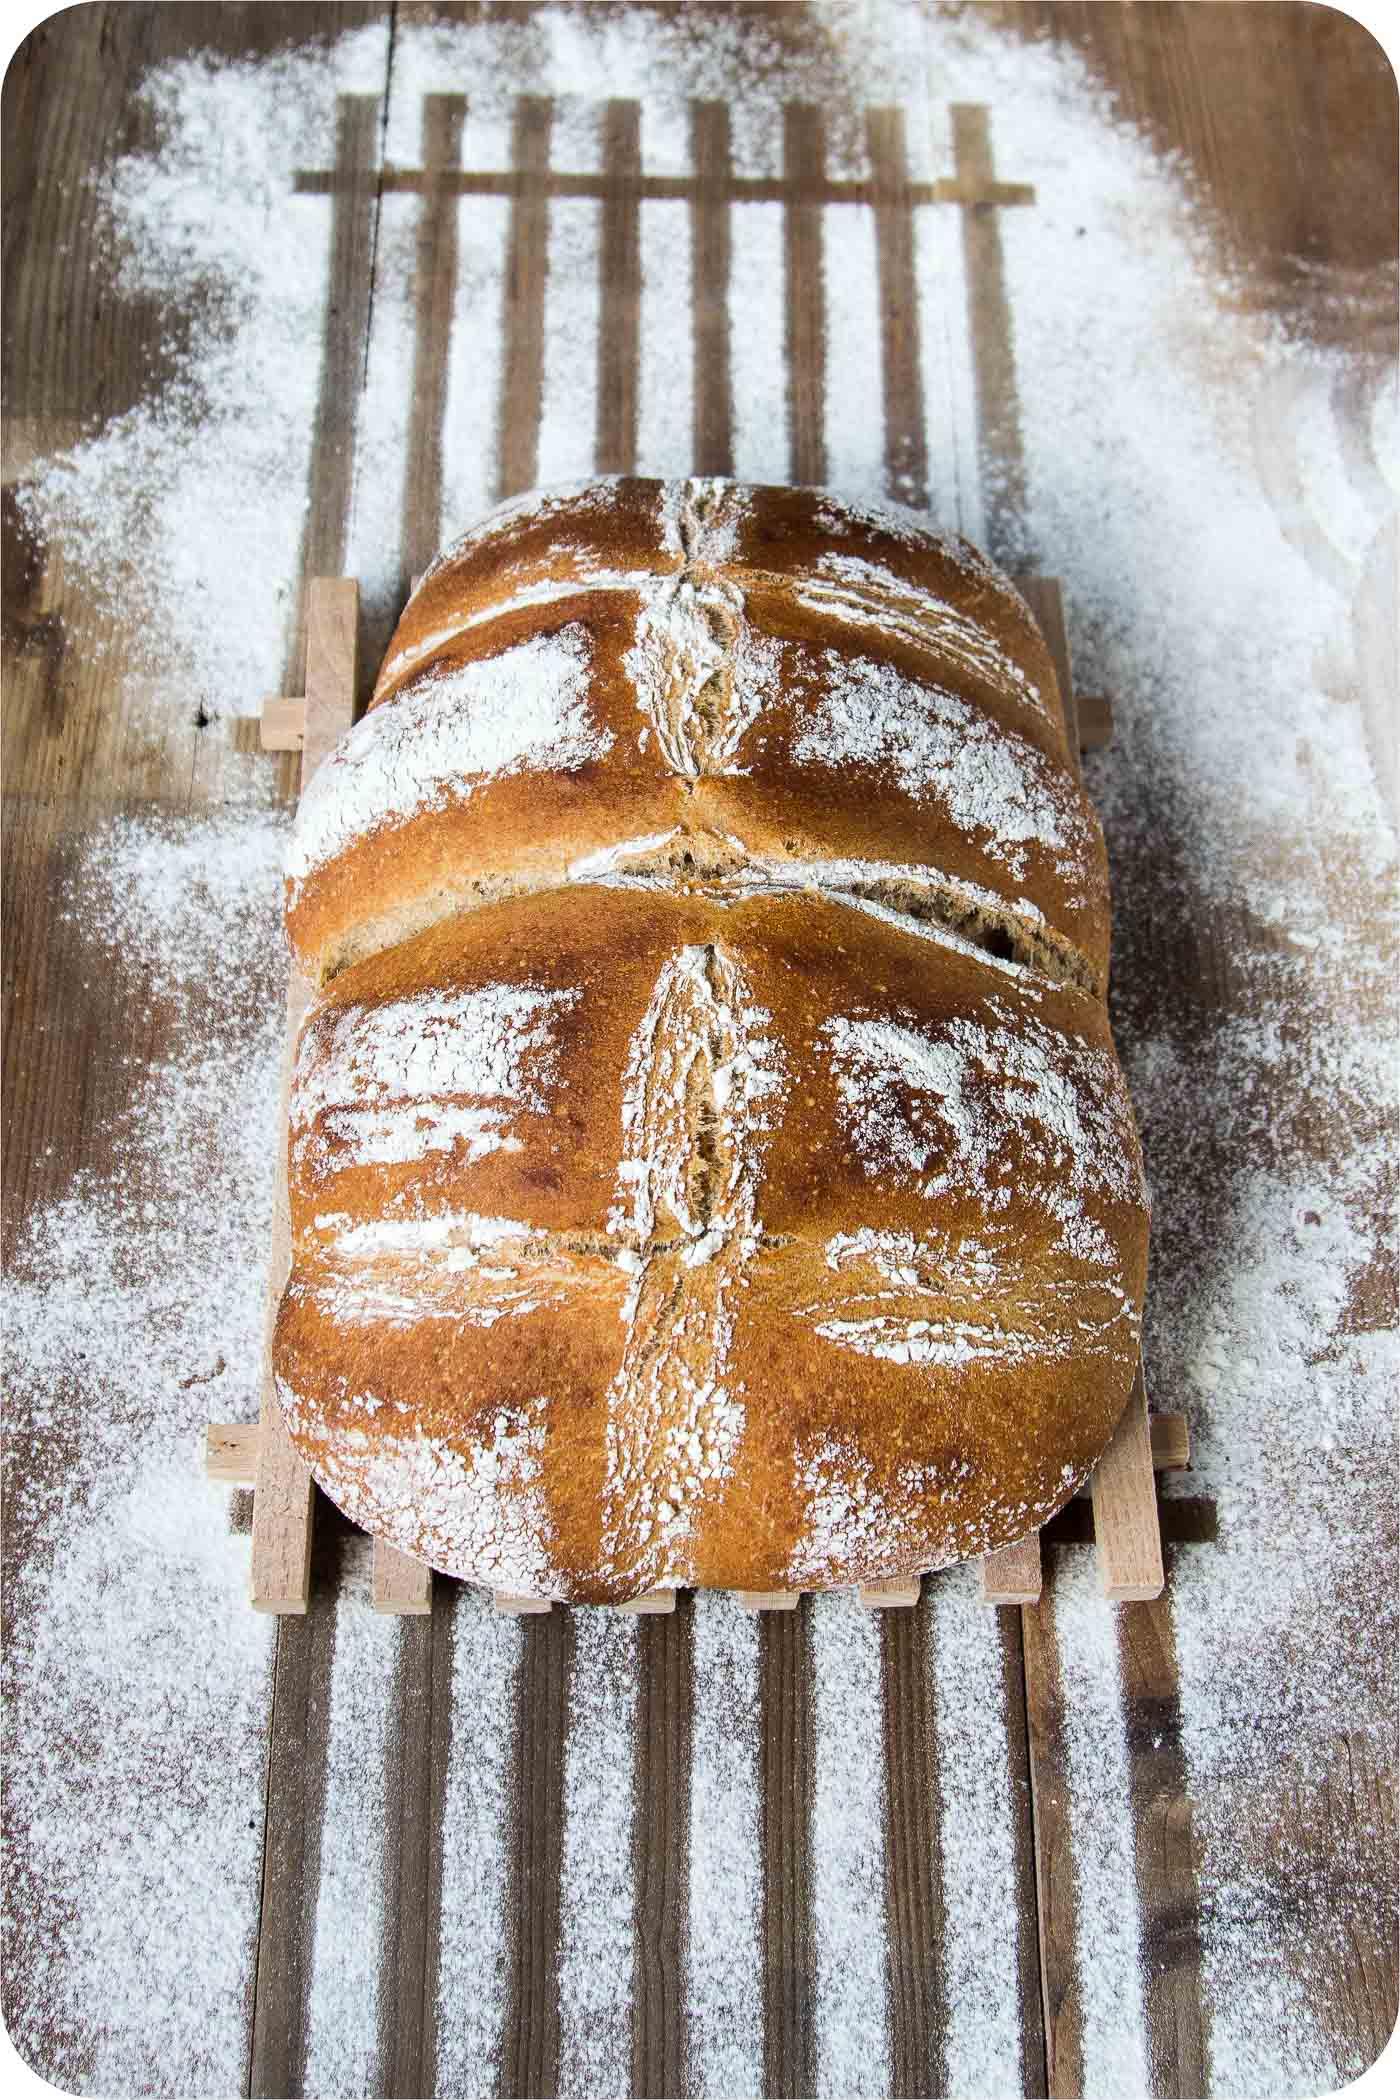 Dinkel-Molke-Brot mit hochwertigen, preiswerten Proteinen.